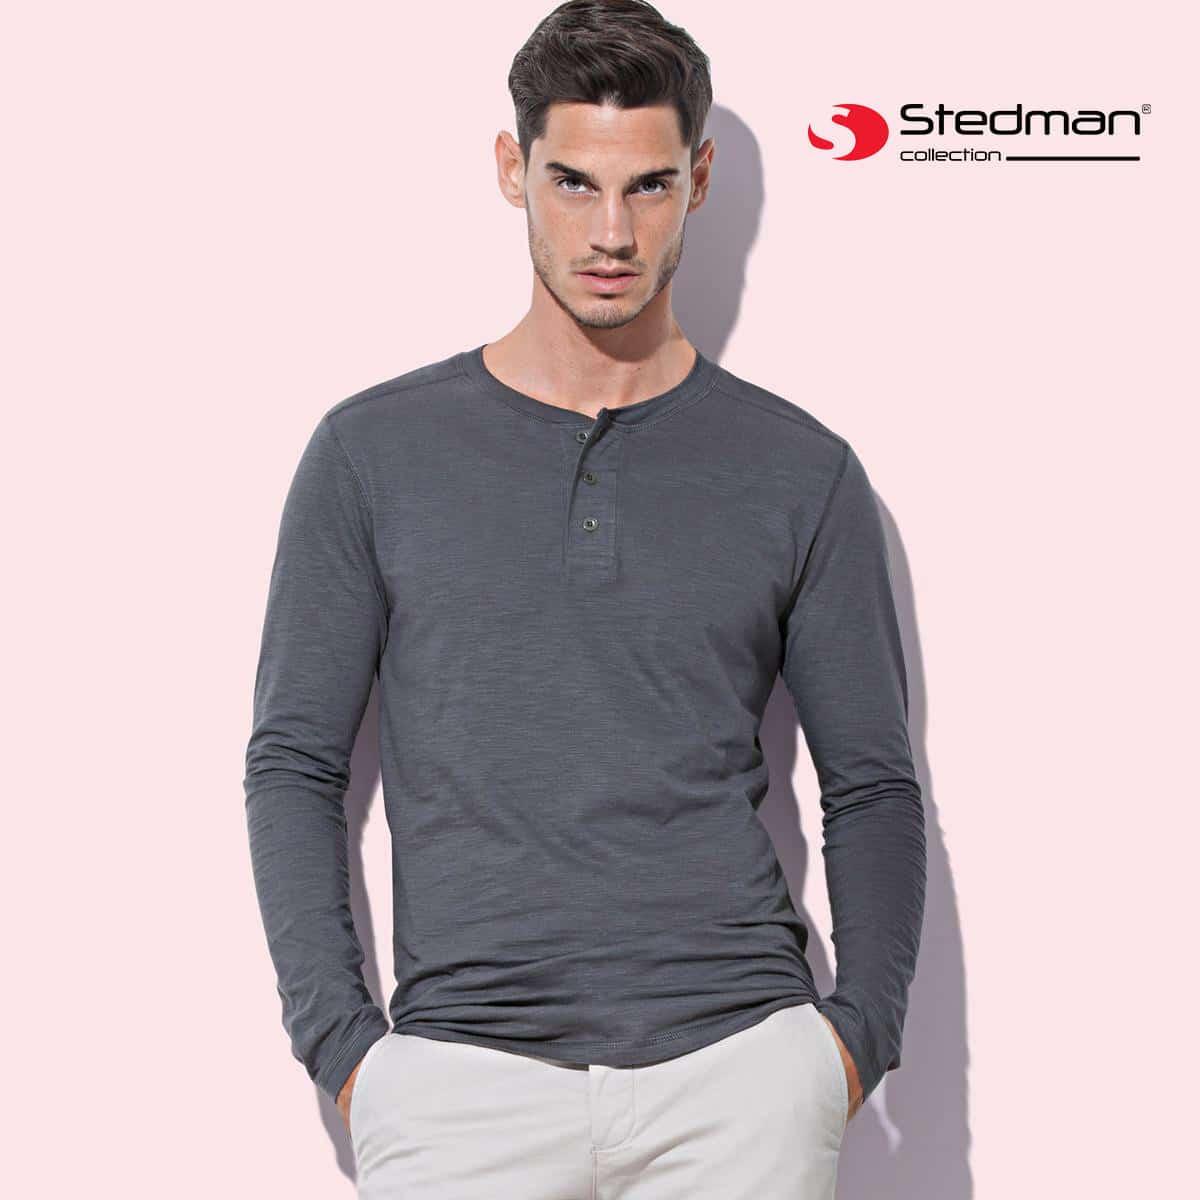 Ragazzo che indossa maglia uomo manica lunga grigia con bottoni